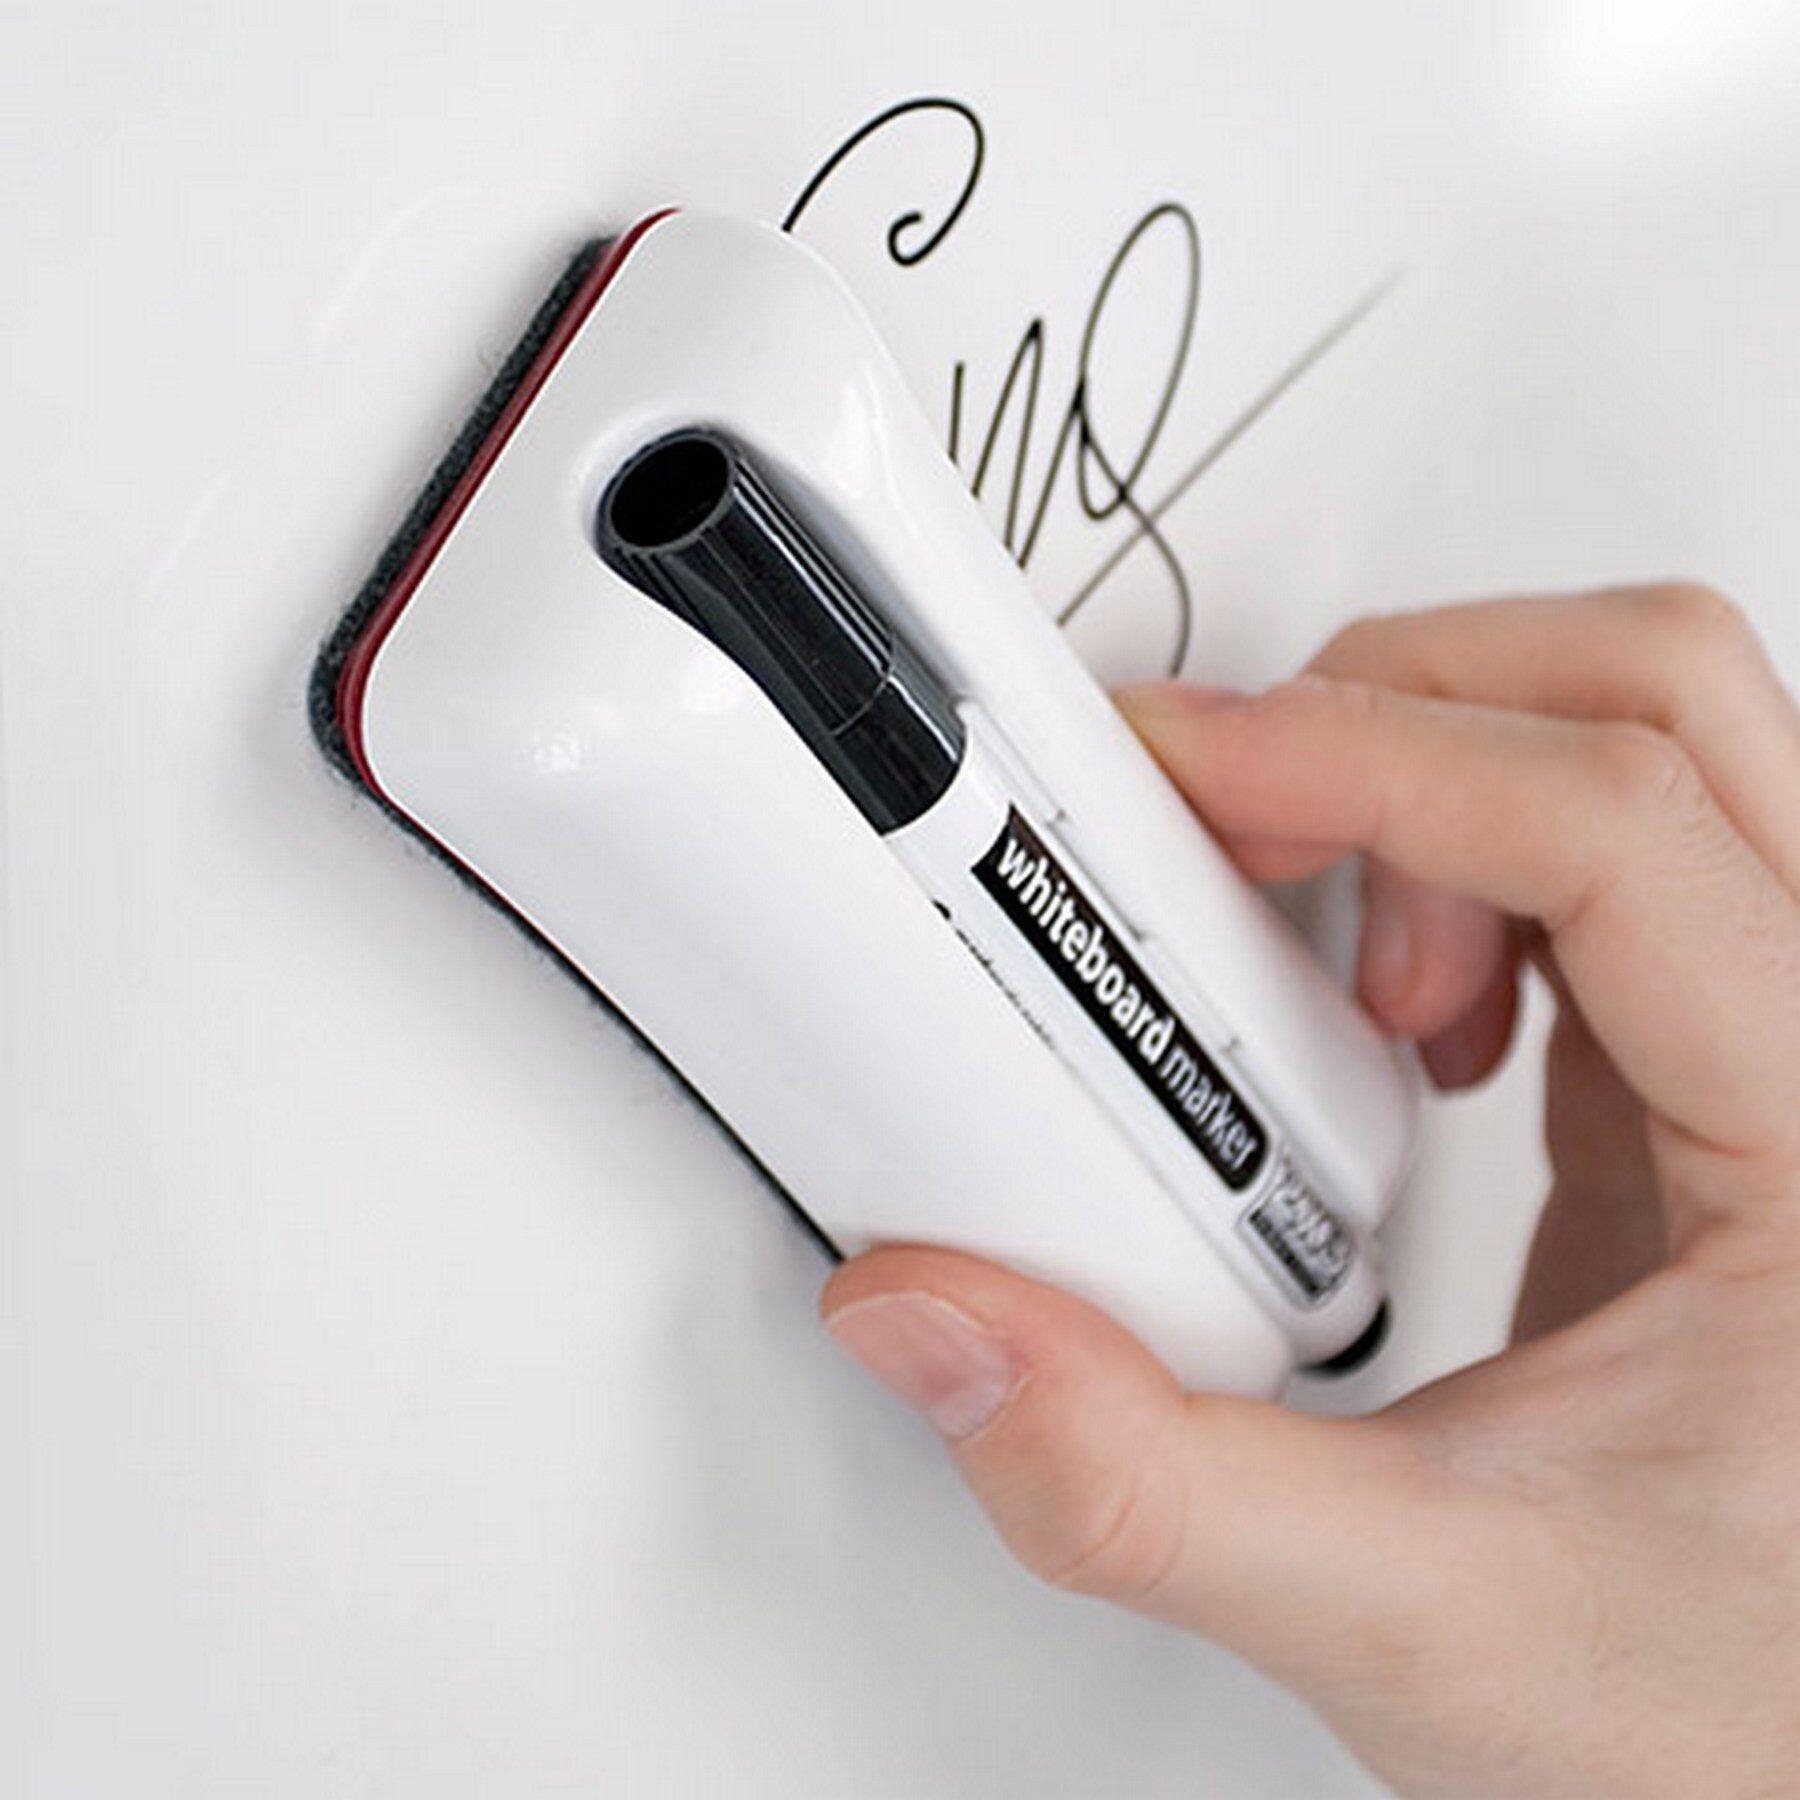 Губка для доски на магните Duo с маркером, войлочные вкладыши 2x3 - фото 3